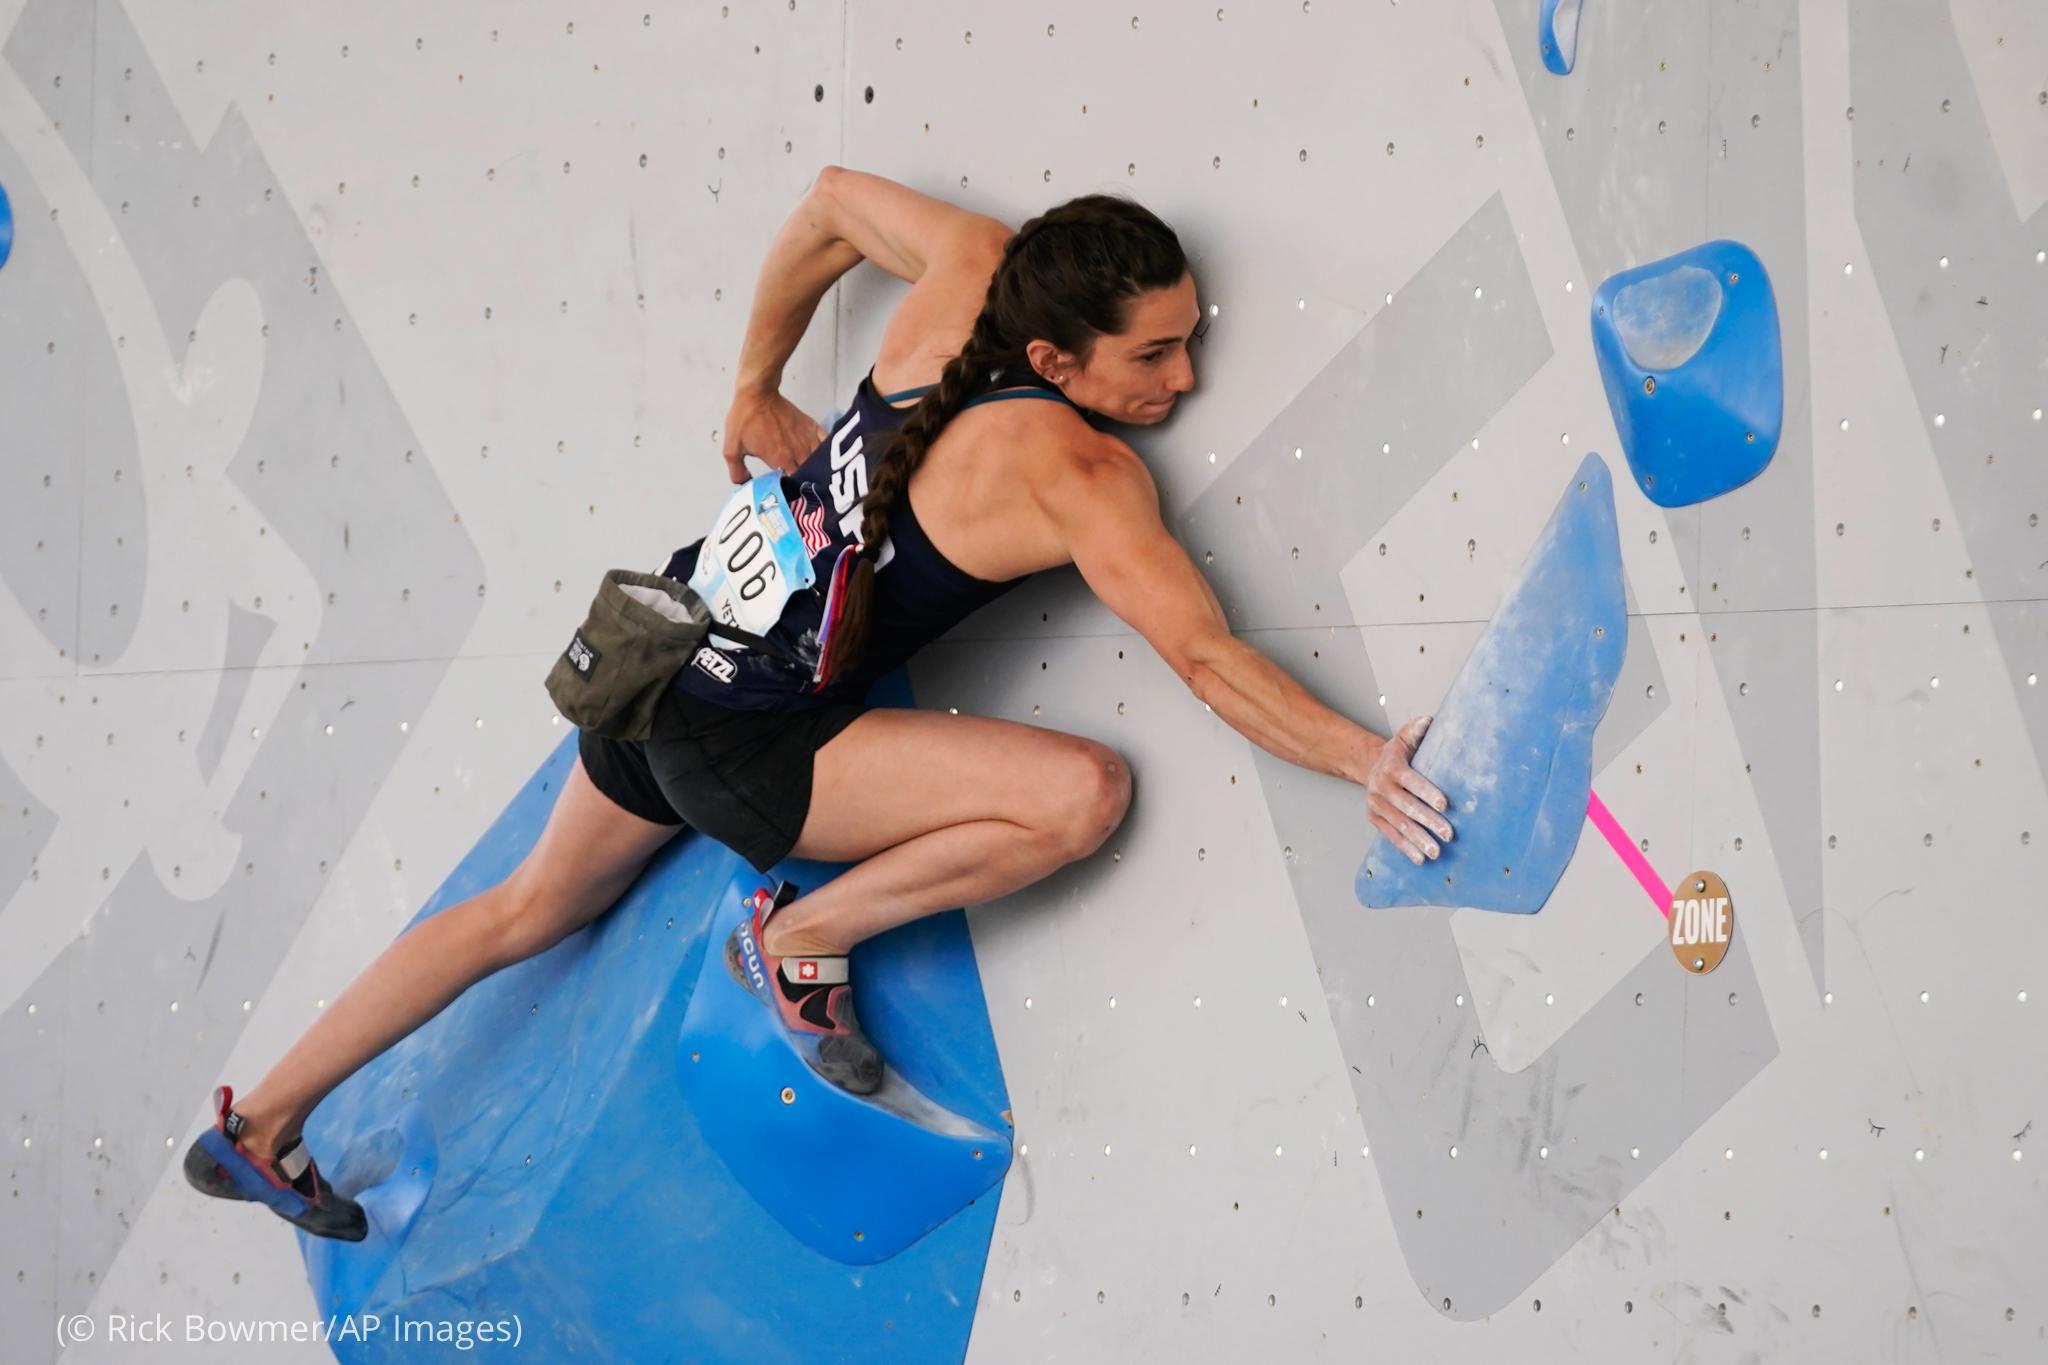 Una mujer se agarra al muro de escalada (© Rick Bowmer/AP Images)